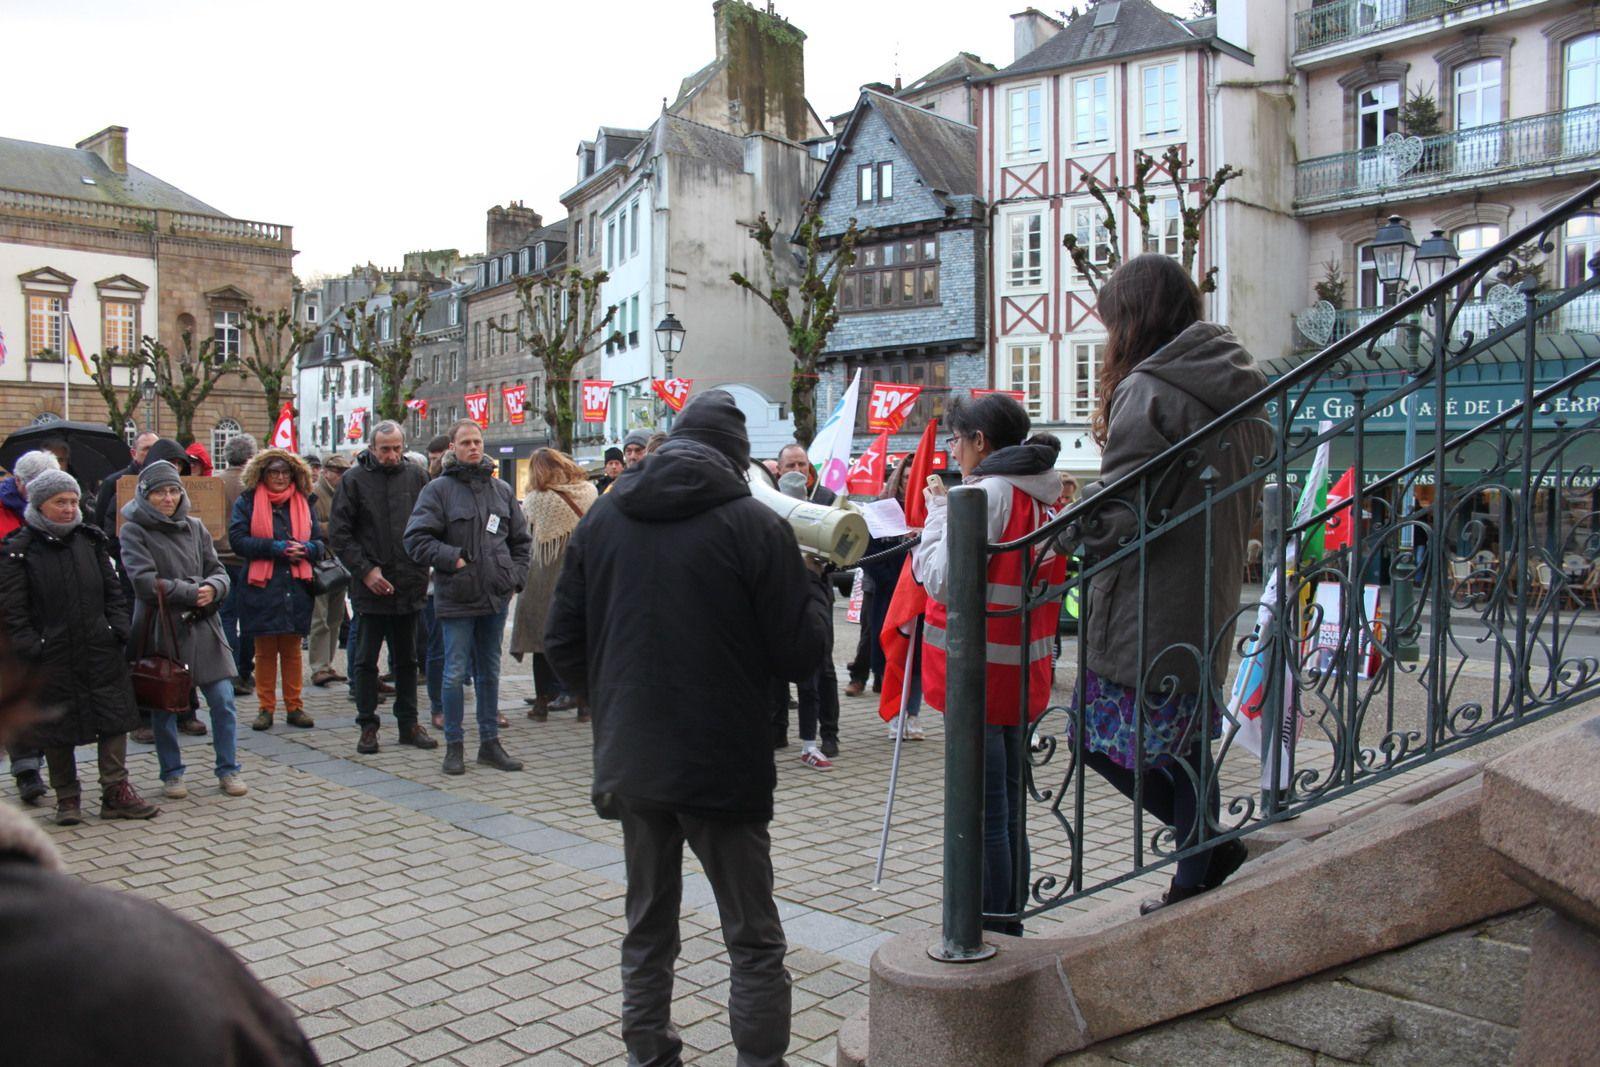 Rassemblement contre la réforme des retraites et le 49-3 à Morlaix, au kiosque - jeudi 5 mars, photos Jean-Luc Le Calvez